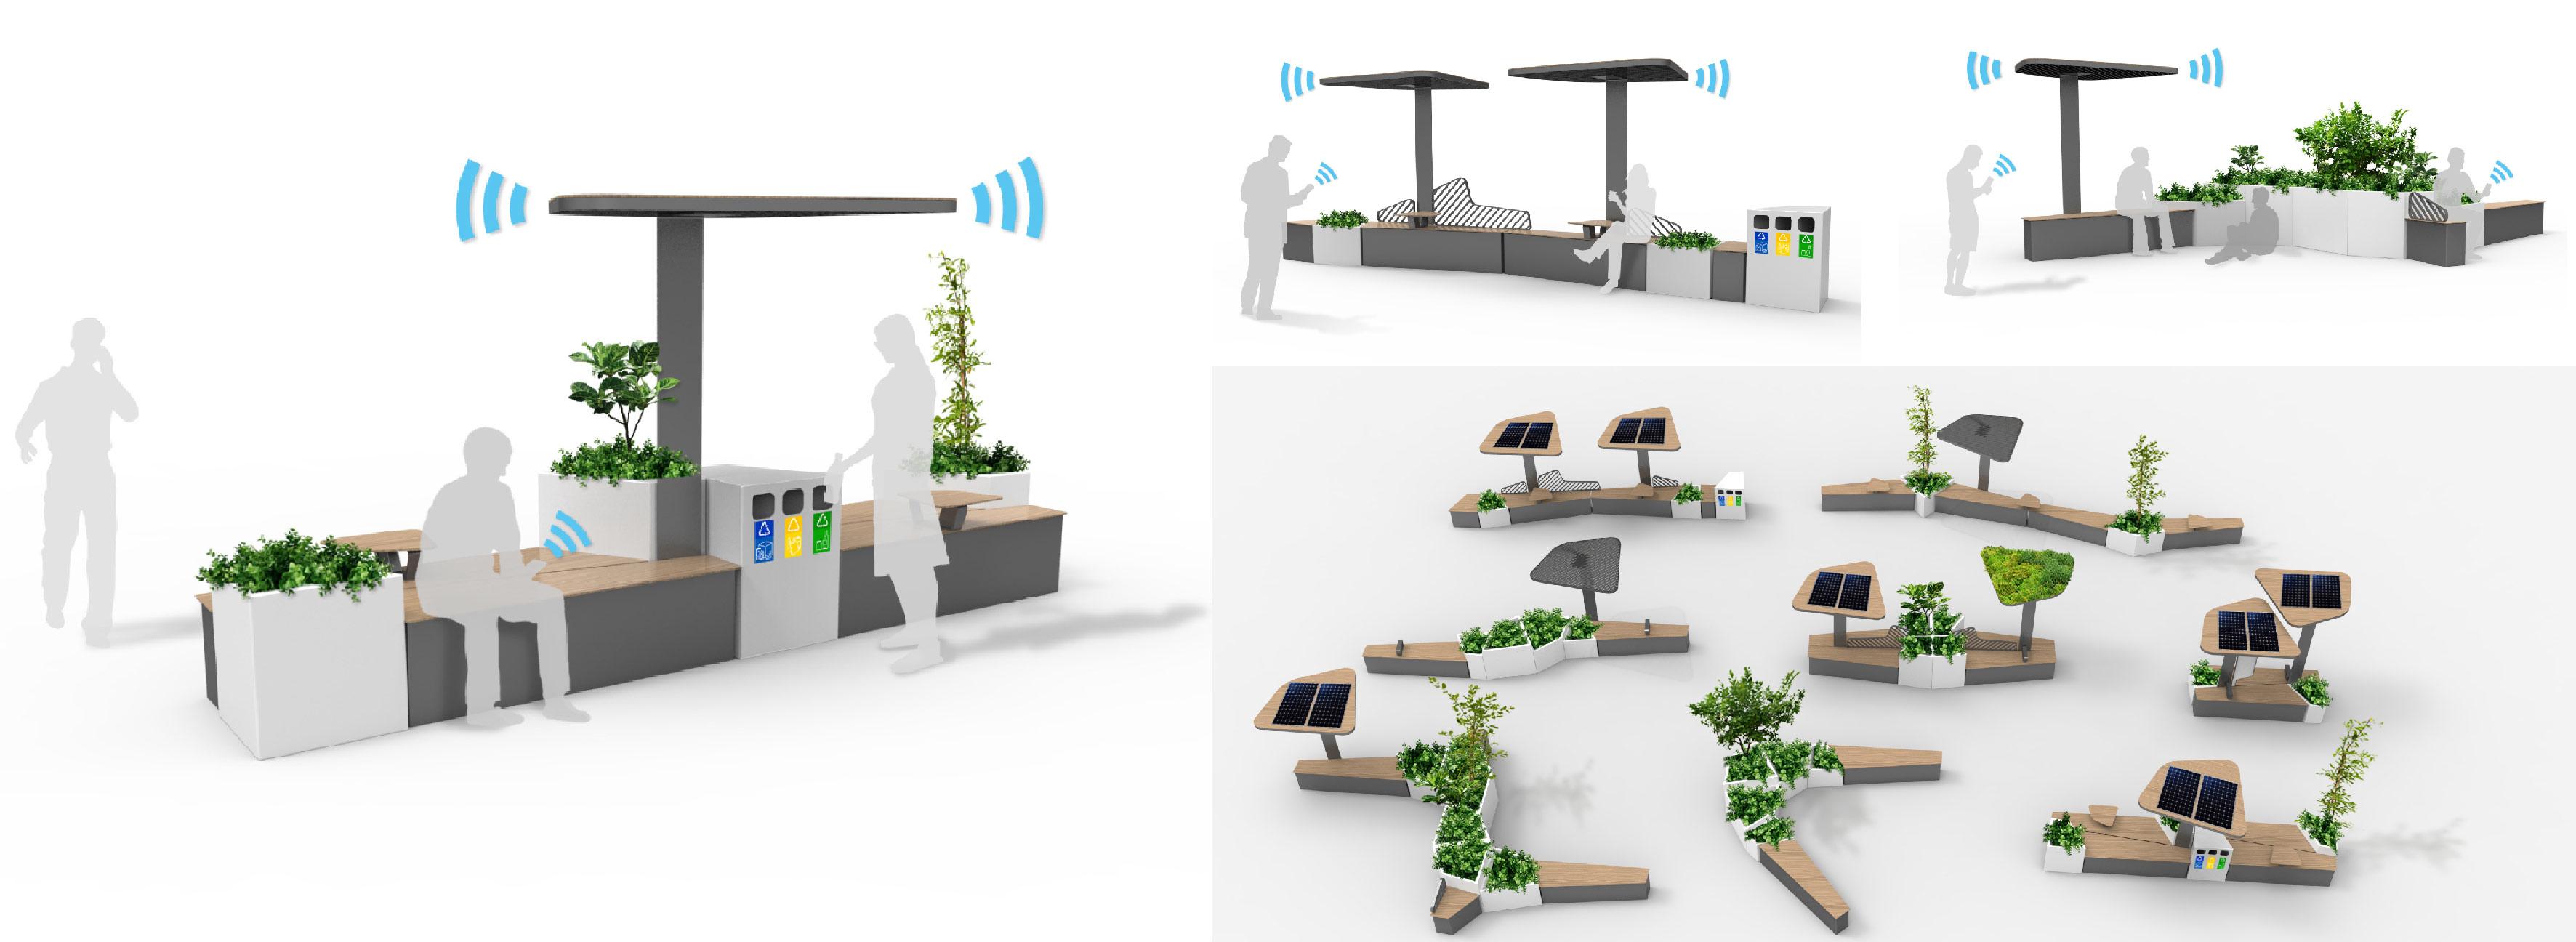 mobilier-urbain-intelligent